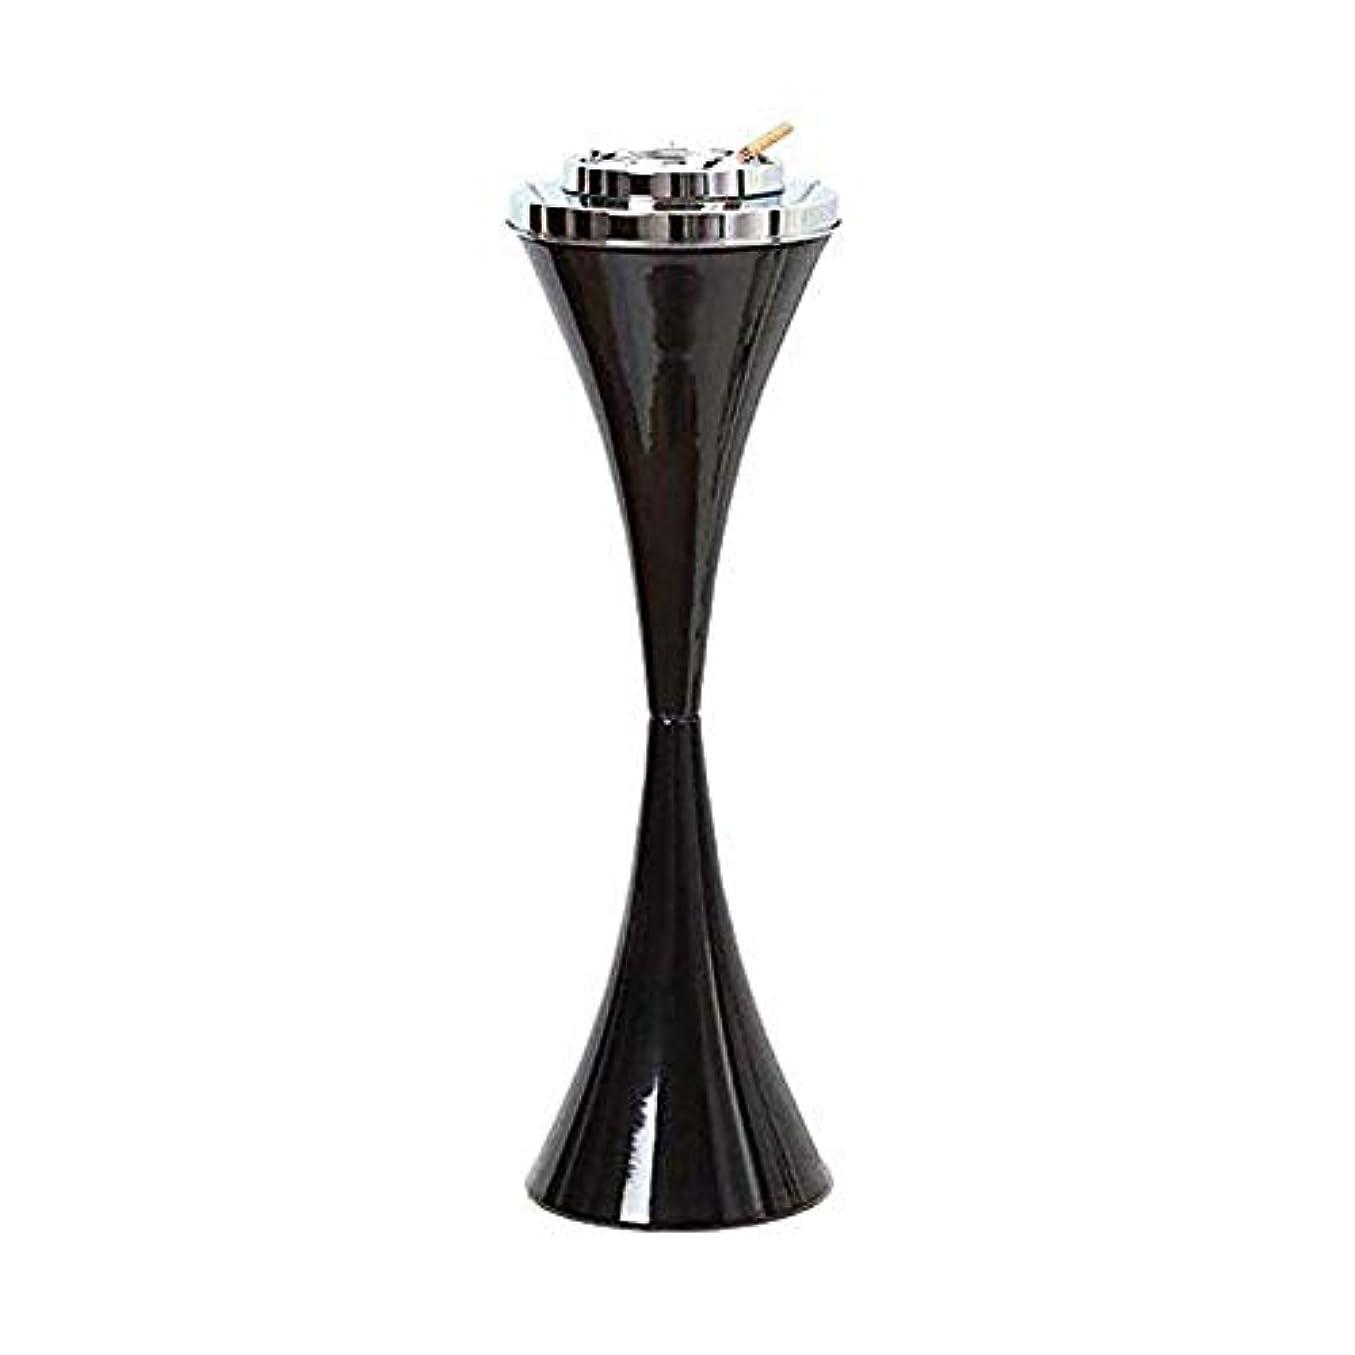 チェス参照写真を描くふたステンレス鋼現代屋内または屋外のためのセルフクリーニング喫煙灰皿クリエイティブスマートシガー取り外し可能な灰皿23.5ハイパティオ防風アッシュホルダー付きフロア立ちアッシュトレイ (色 : 黒)